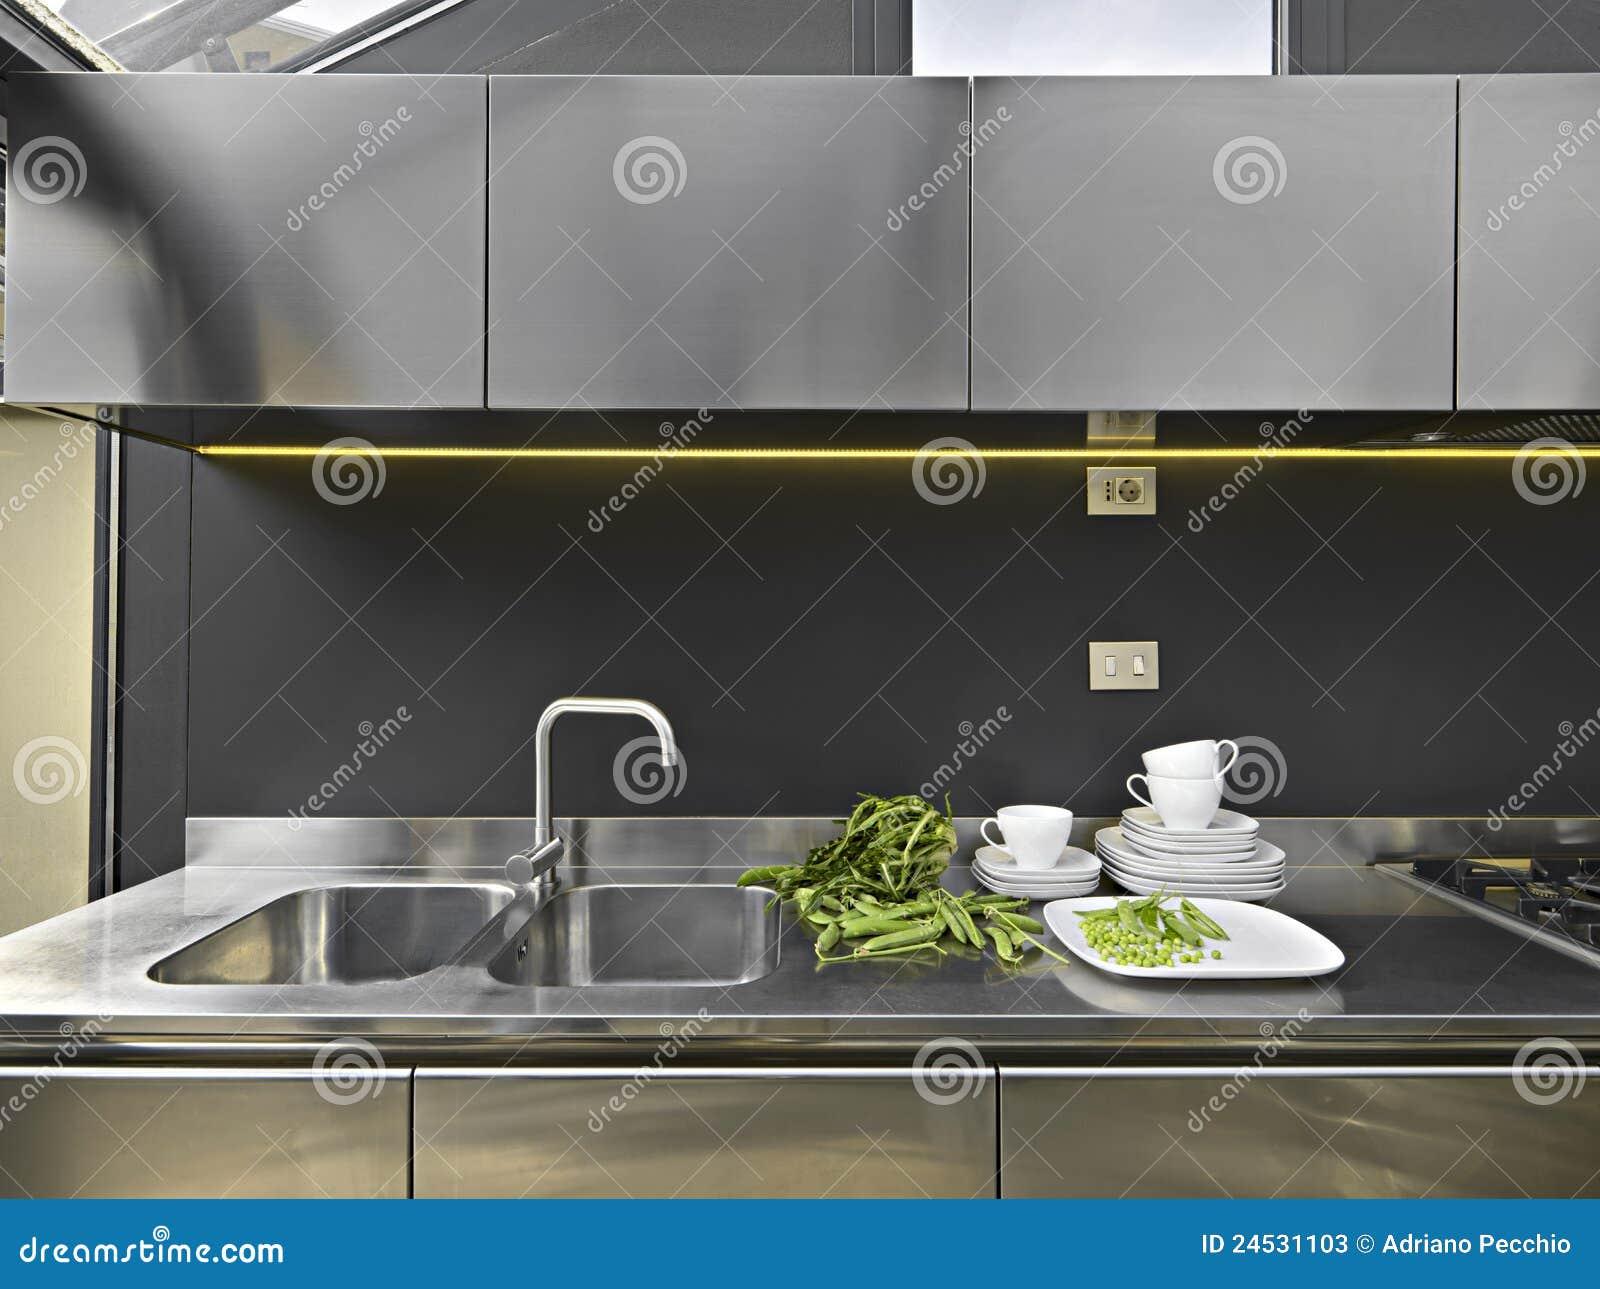 Dissipador E Torneira De A O Em Uma Cozinha Moderna Imagem De Stock